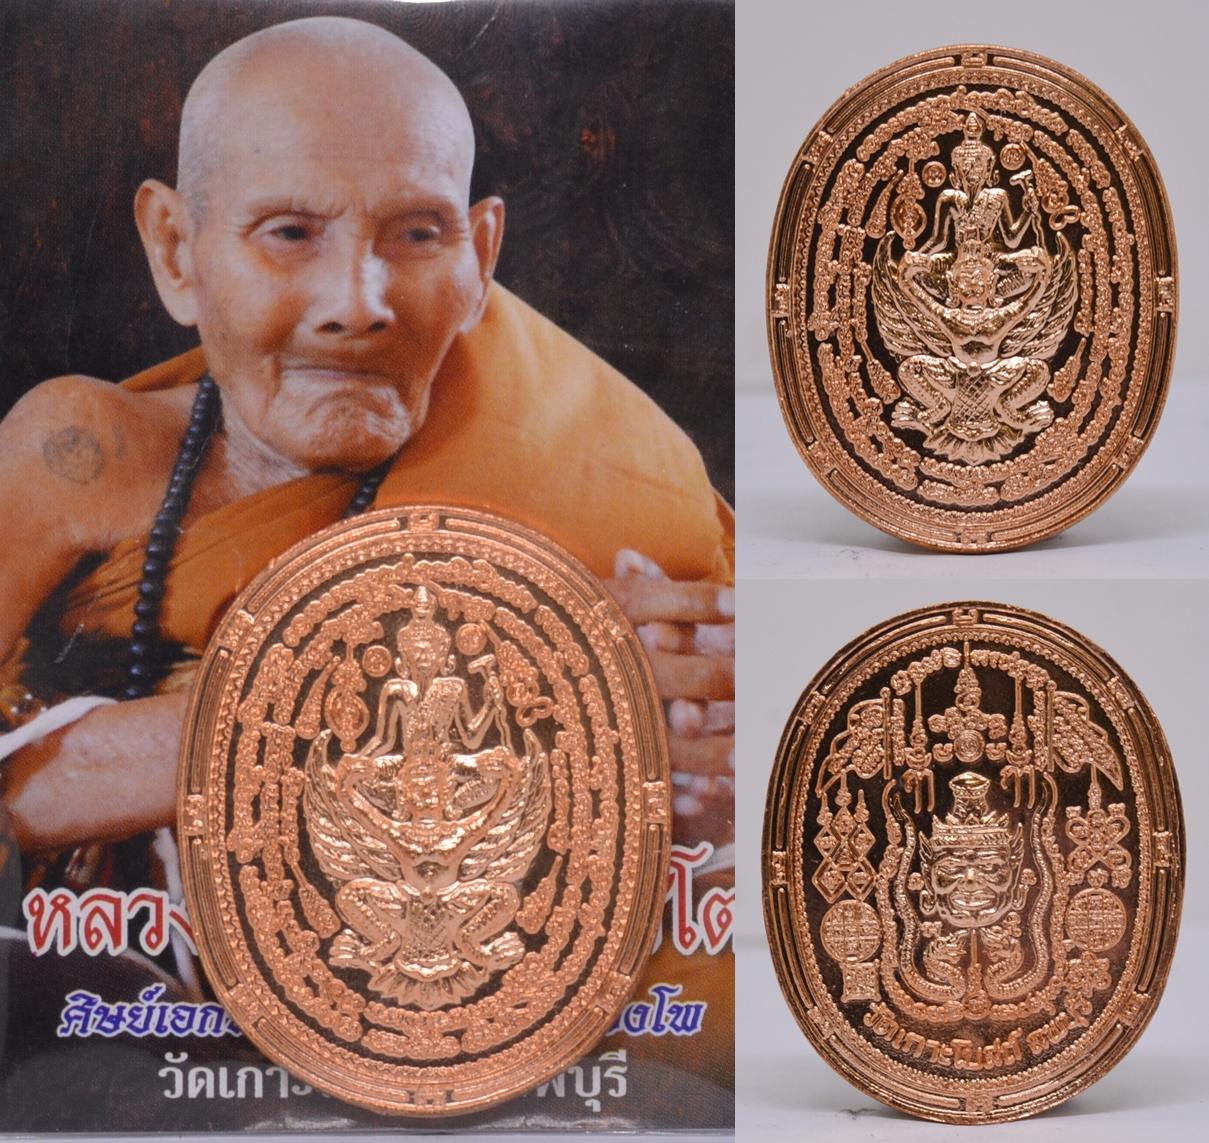 เหรียญฤาษีทรงครุฑ เนื้อทองแดง หลวงปู่นอง วัดเกาะโบสถ์ 2558